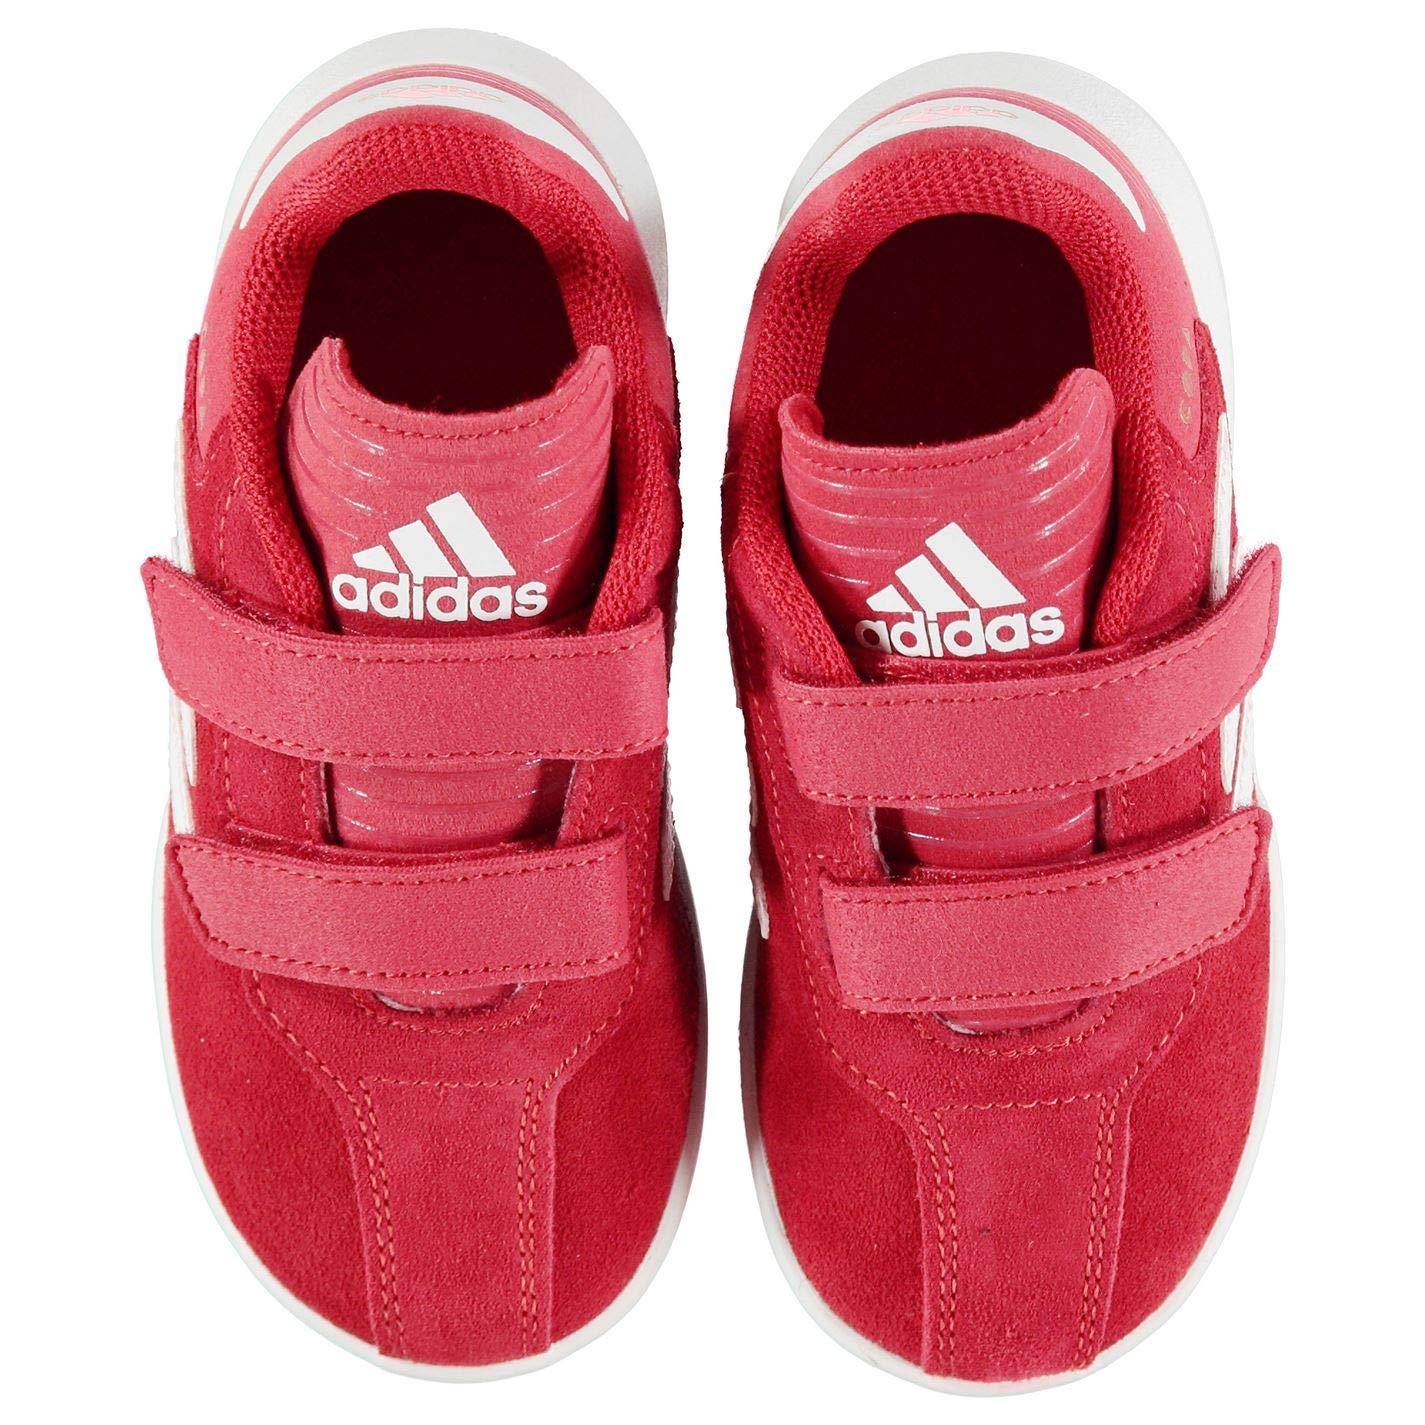 f4e24d4079c477 adidas Unisex Kids  Copa Super Footbal Shoes